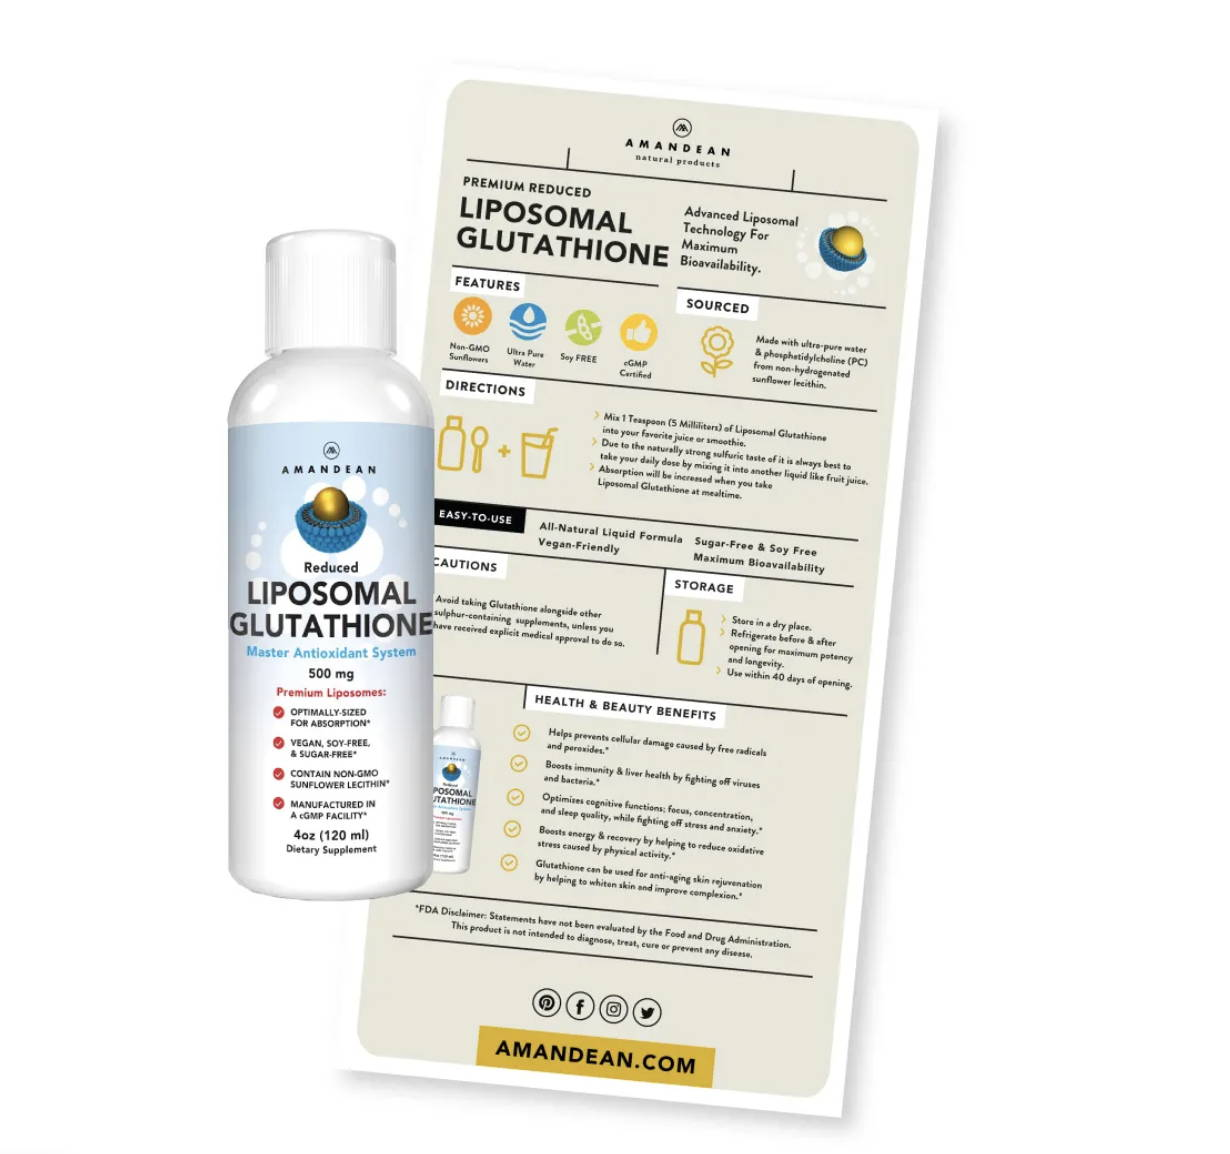 Premium Liposomal Glutathione Pro Tips Info Sheet